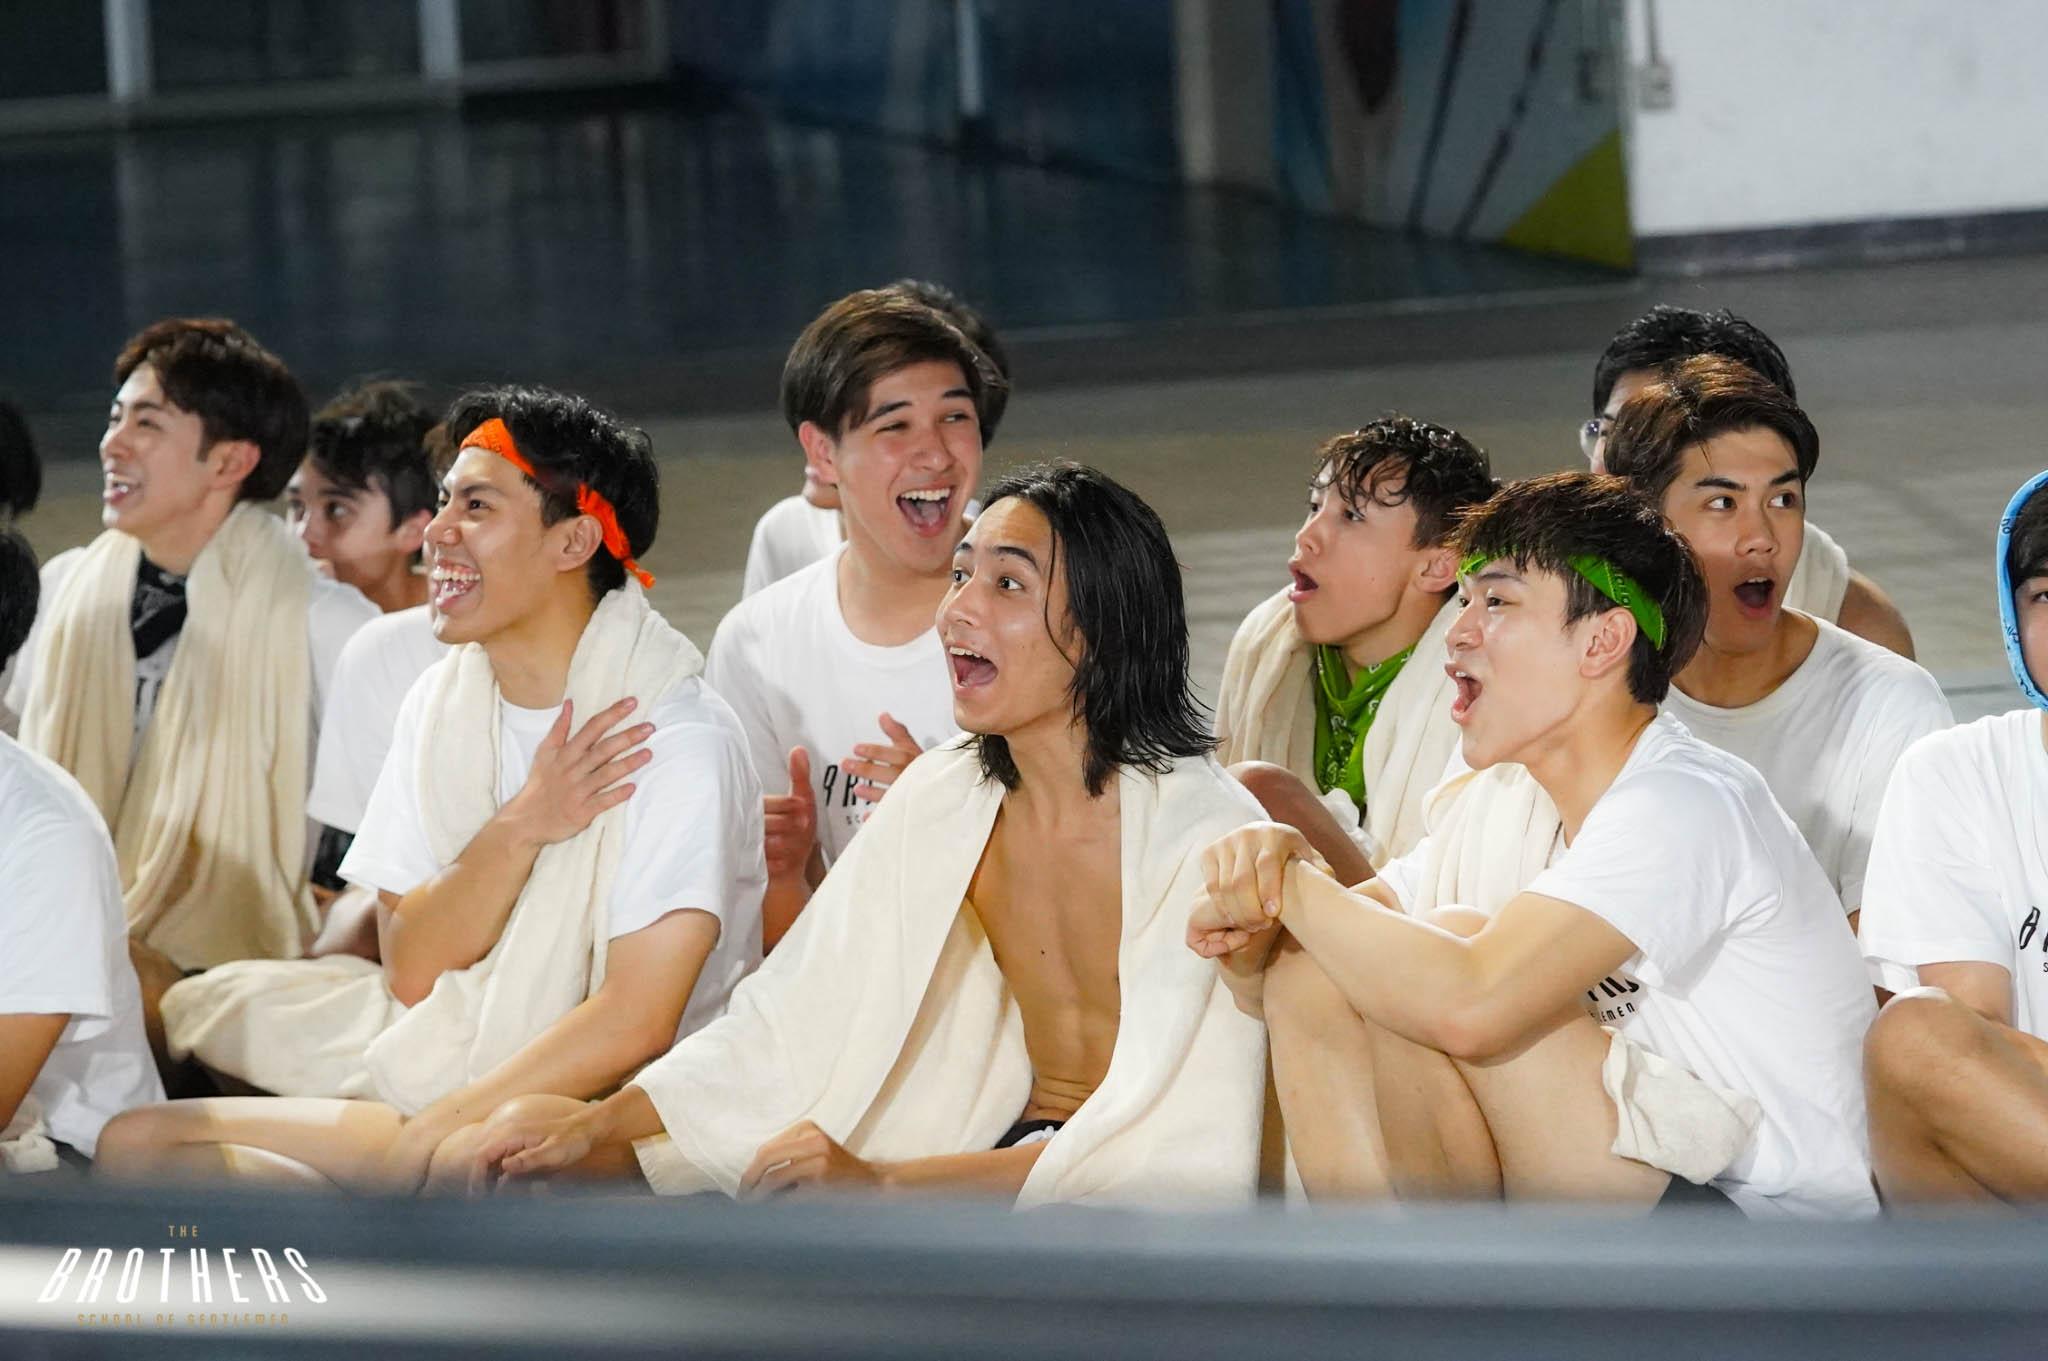 """""""ติ๊ก เจษฎาภรณ์"""" พาเสียว ภารกิจกระโดดน้ำวัดใจใน """"The Brothers Thailand"""" ตอนแรก"""